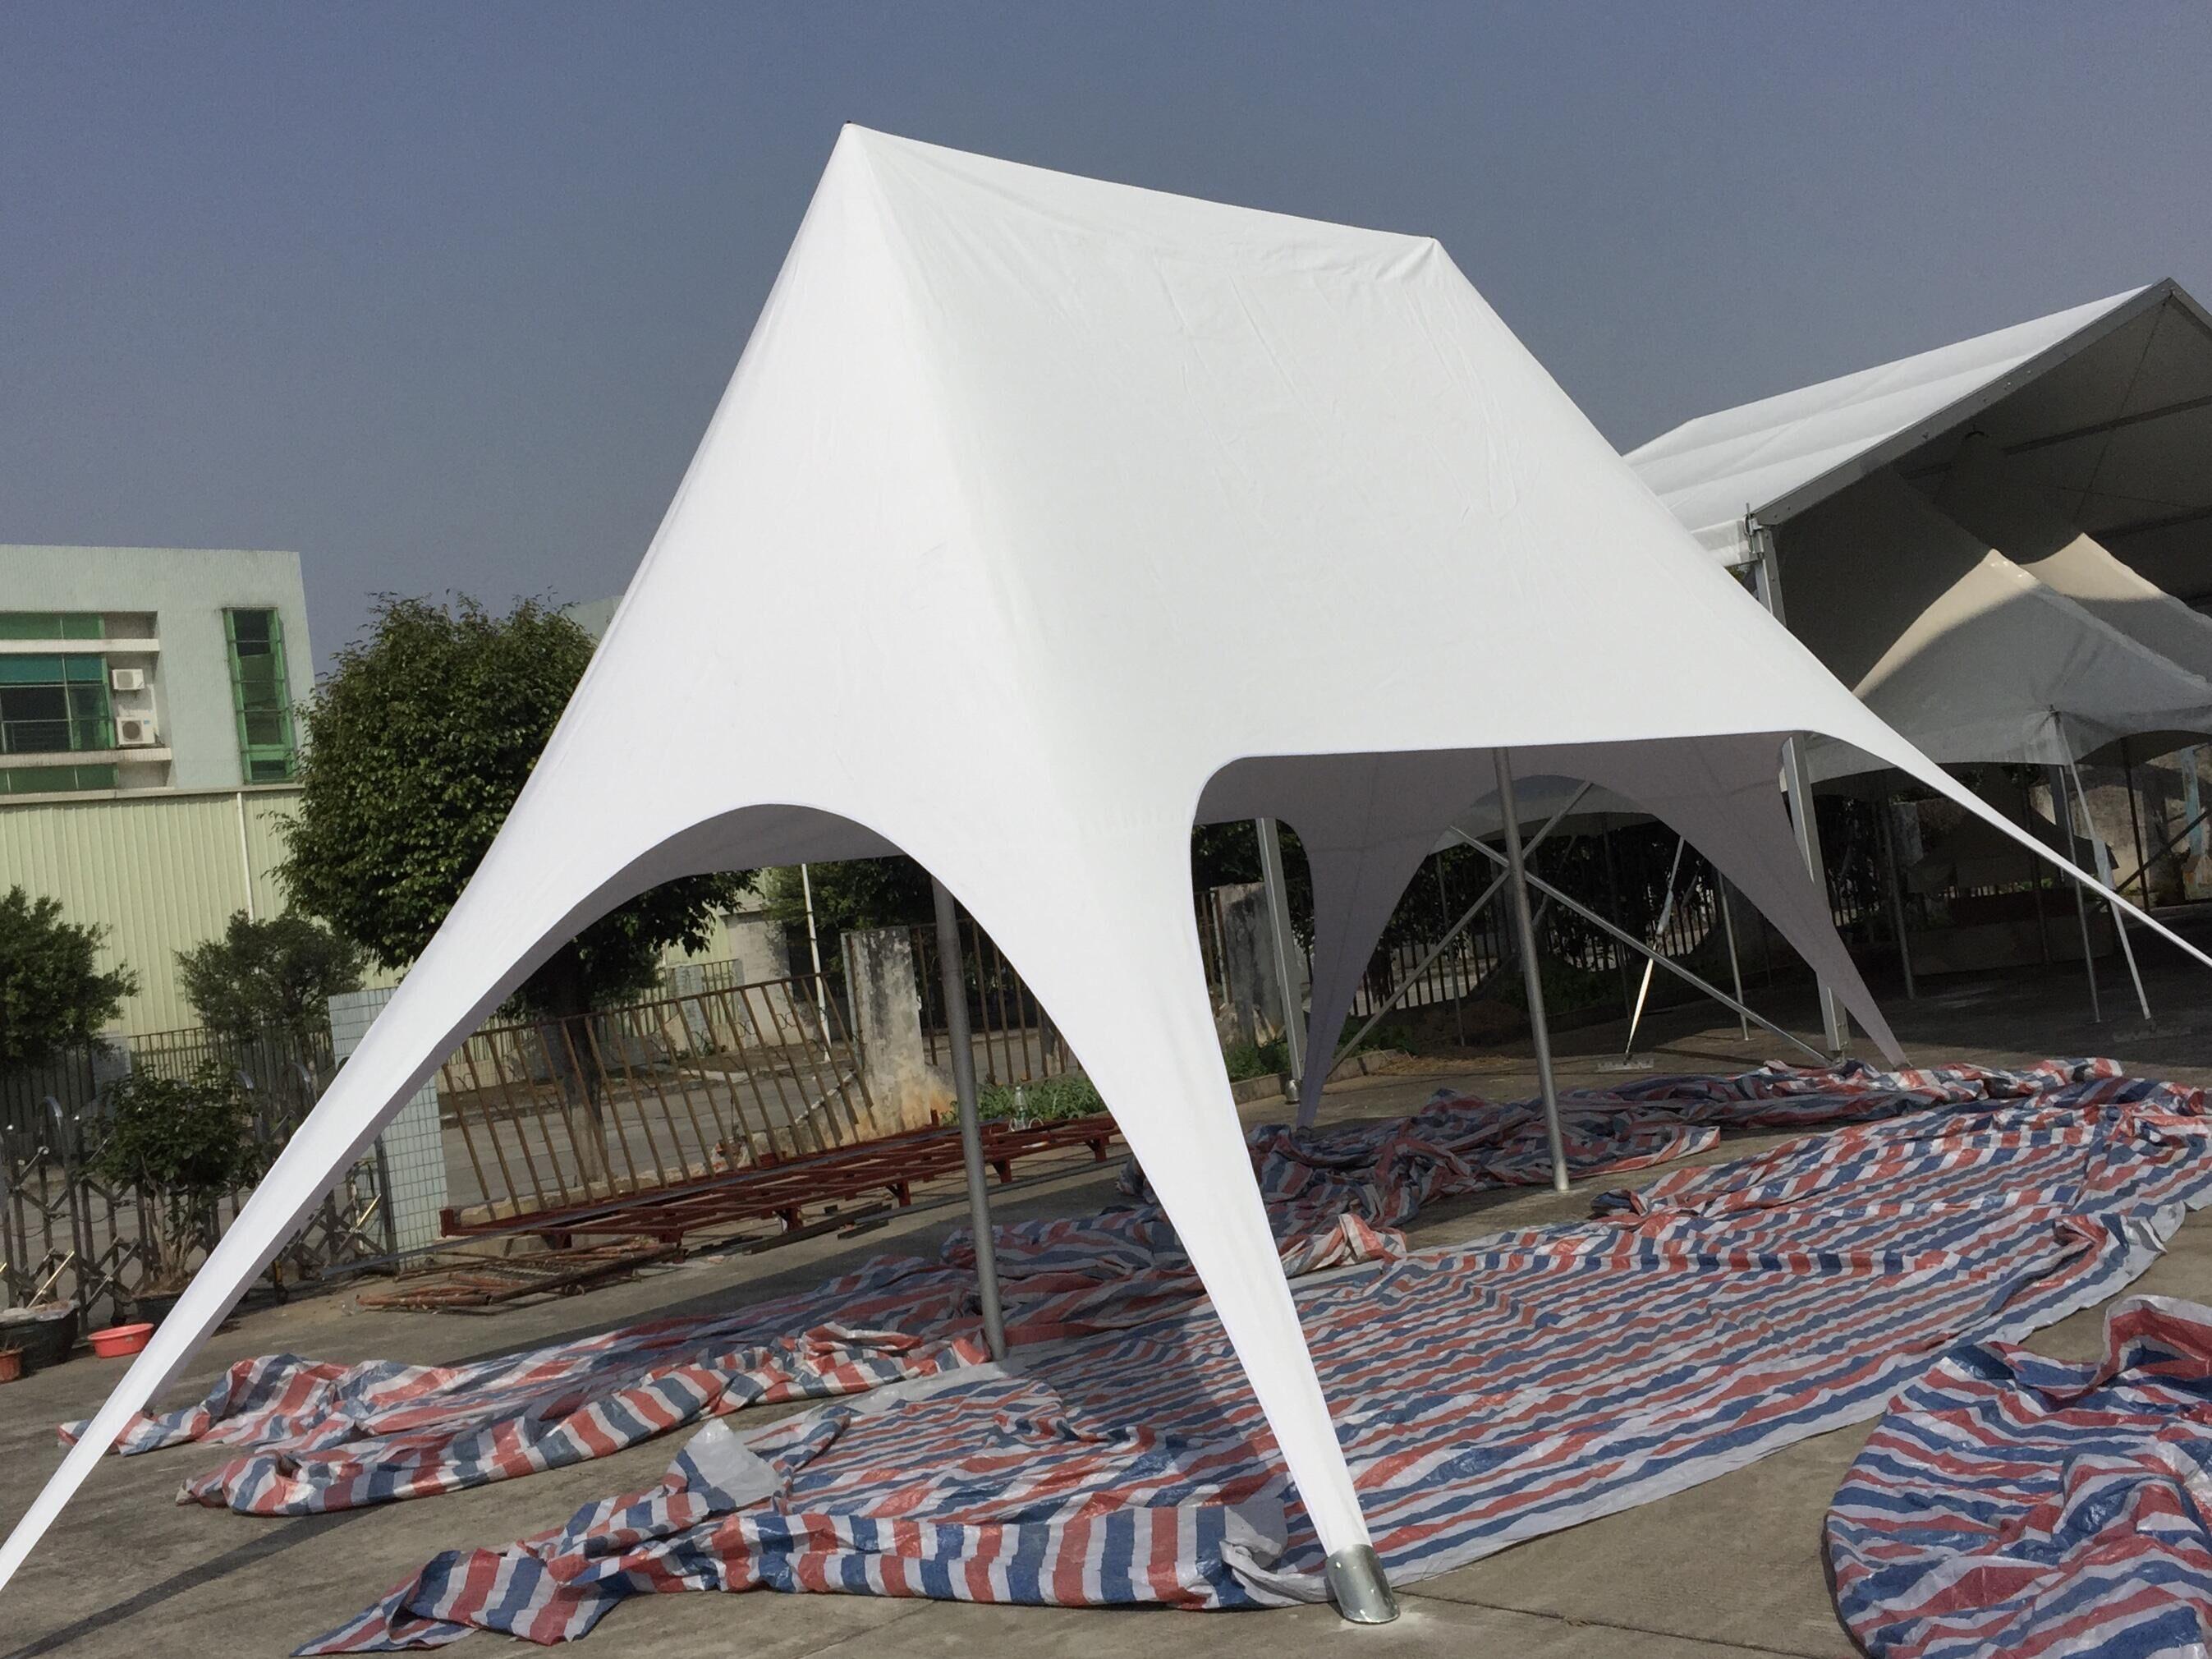 10m x 14m Camiseta Grande Star Tent PVC doble evento al aire libre feria publicidad fiesta promoción sombra carpas de descanso Marquee